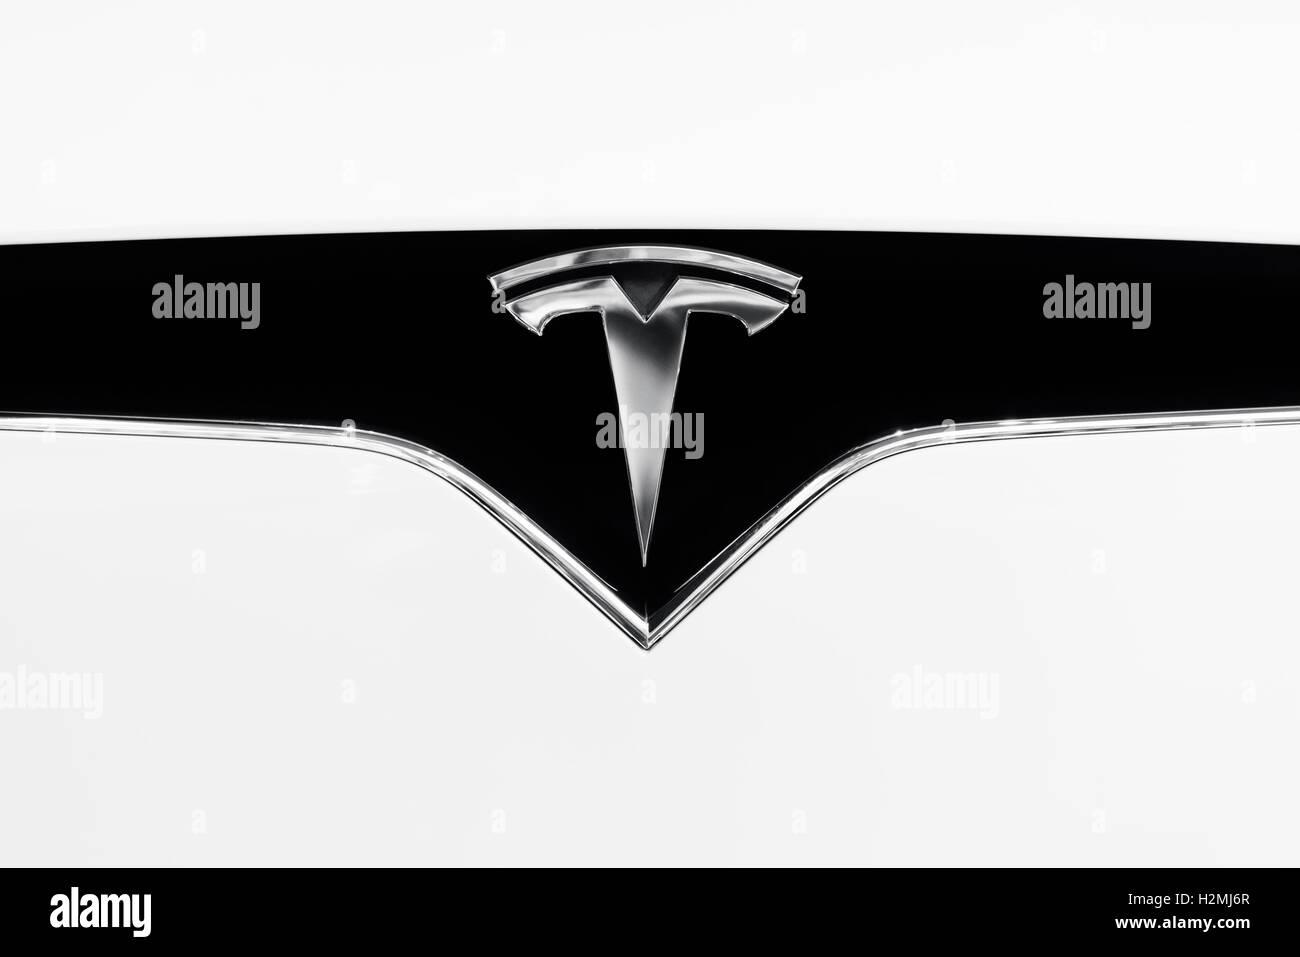 Emblem immagini emblem fotos stock alamy for H and r auto motors